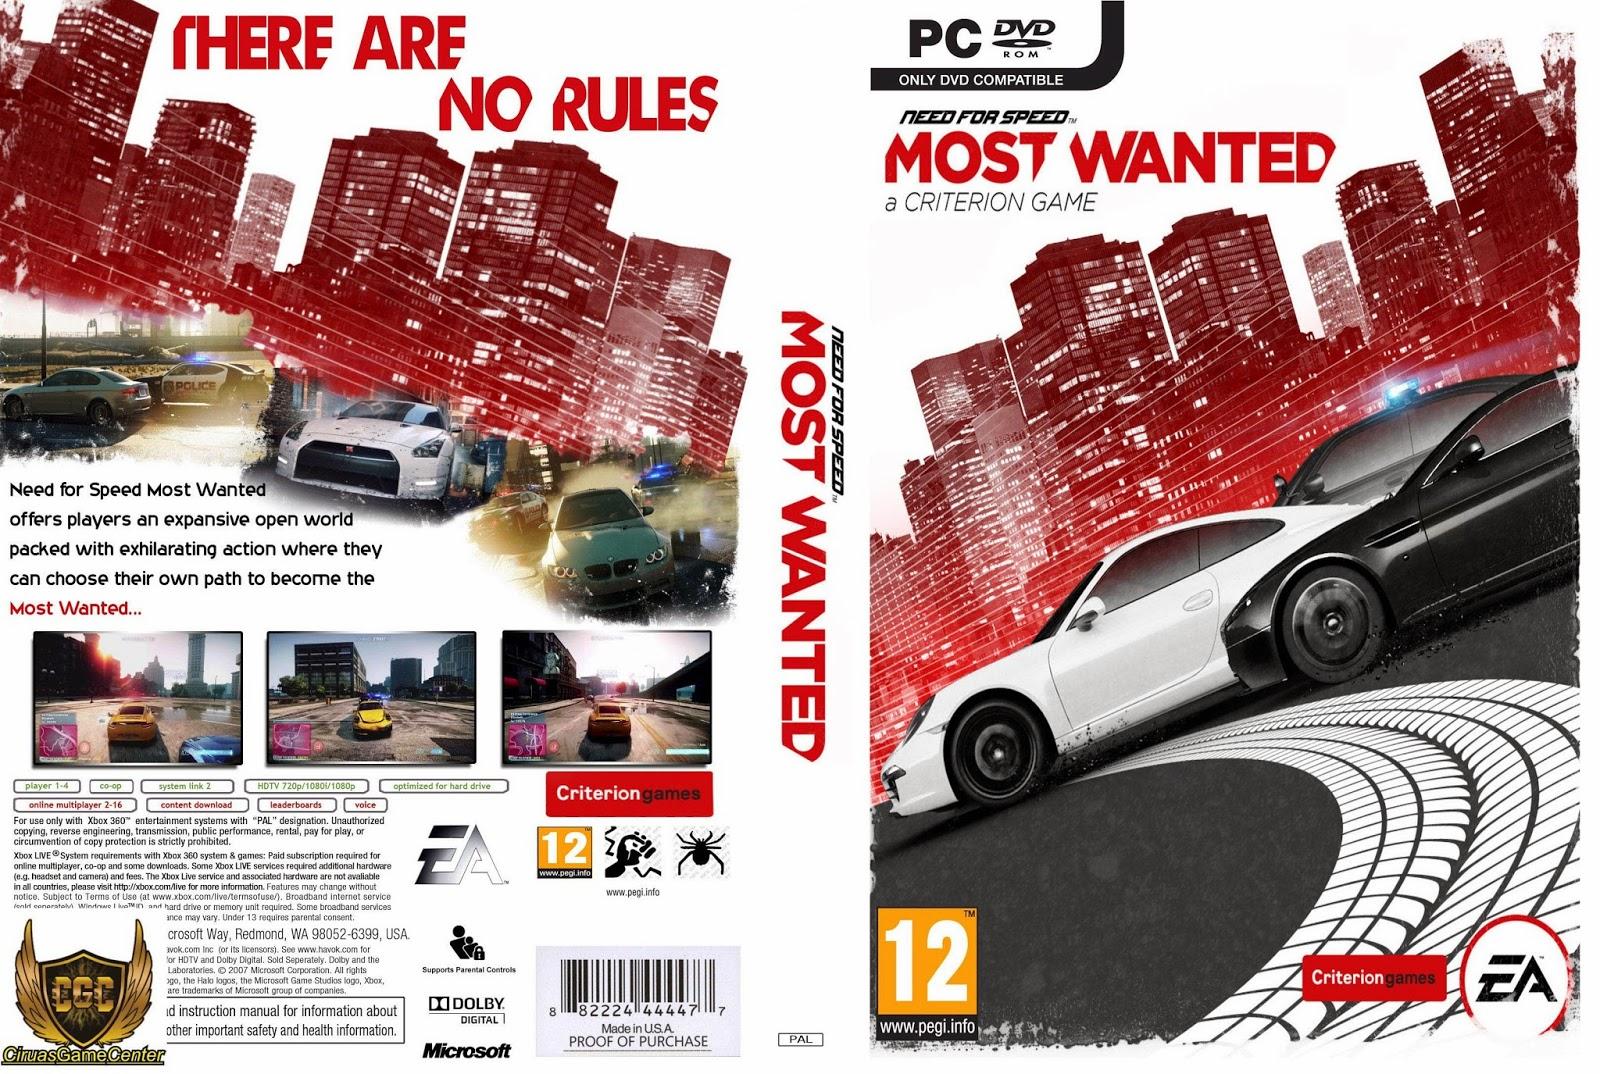 Появилась возможность делать скриншоты; Игра Need for Speed Most Wanted Black Edition 2005 получила улучшенную графику; Открытый мир позволяет свободно перемещаться по городским улицам; Можно модернизировать узлы - улучшать двигатель, подвеску, трансмиссию, рулевое...